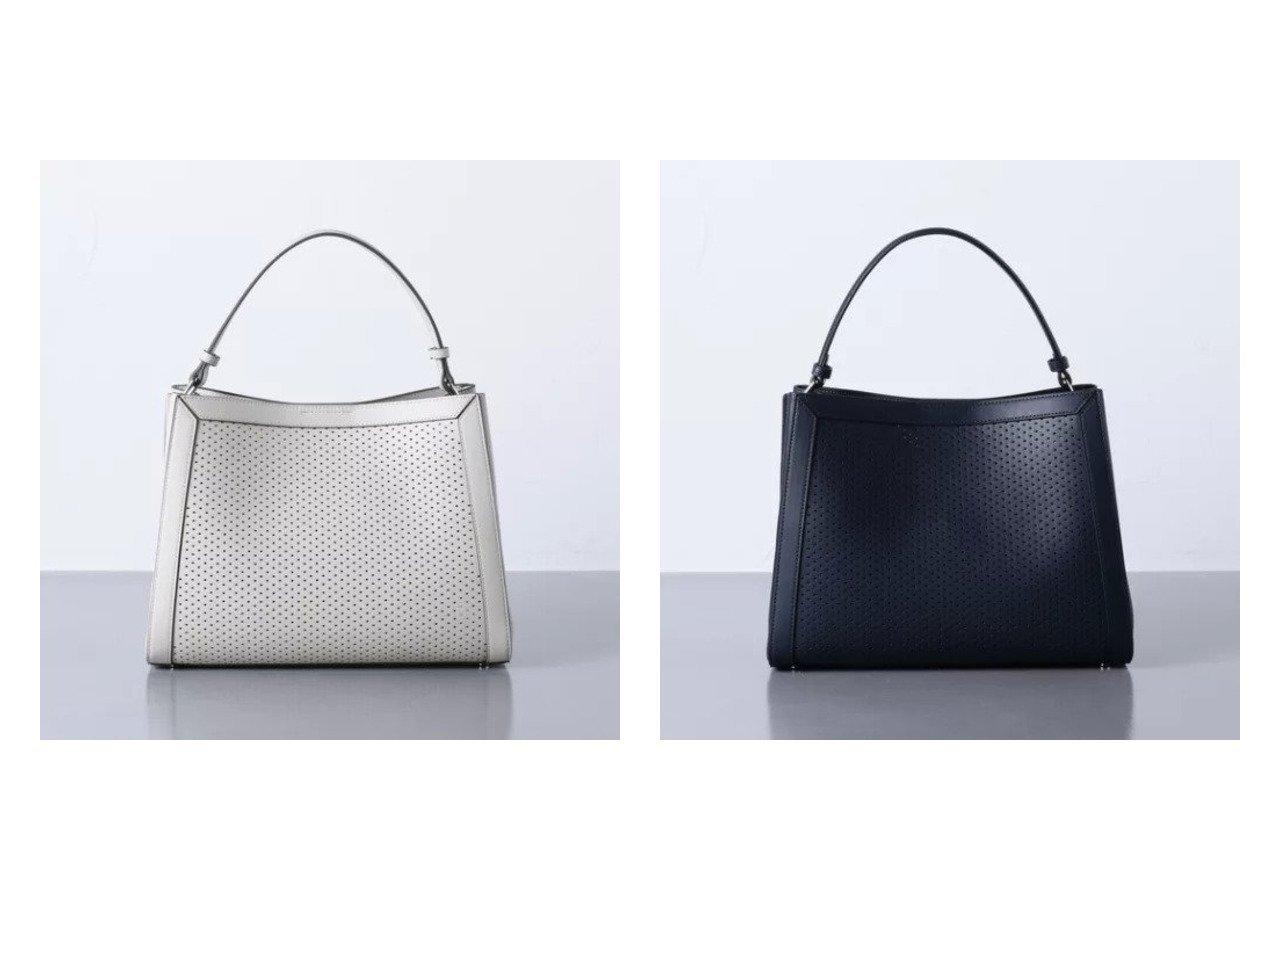 【UNITED ARROWS/ユナイテッドアローズ】のUBC PNCH FLAME SLD バッグ バッグ・鞄のおすすめ!人気トレンド・レディースファッションの通販 おすすめで人気の流行・トレンド、ファッションの通販商品 メンズファッション・キッズファッション・インテリア・家具・レディースファッション・服の通販 founy(ファニー) https://founy.com/ ファッション Fashion レディースファッション WOMEN バッグ Bag スクエア 春 |ID:crp329100000008561